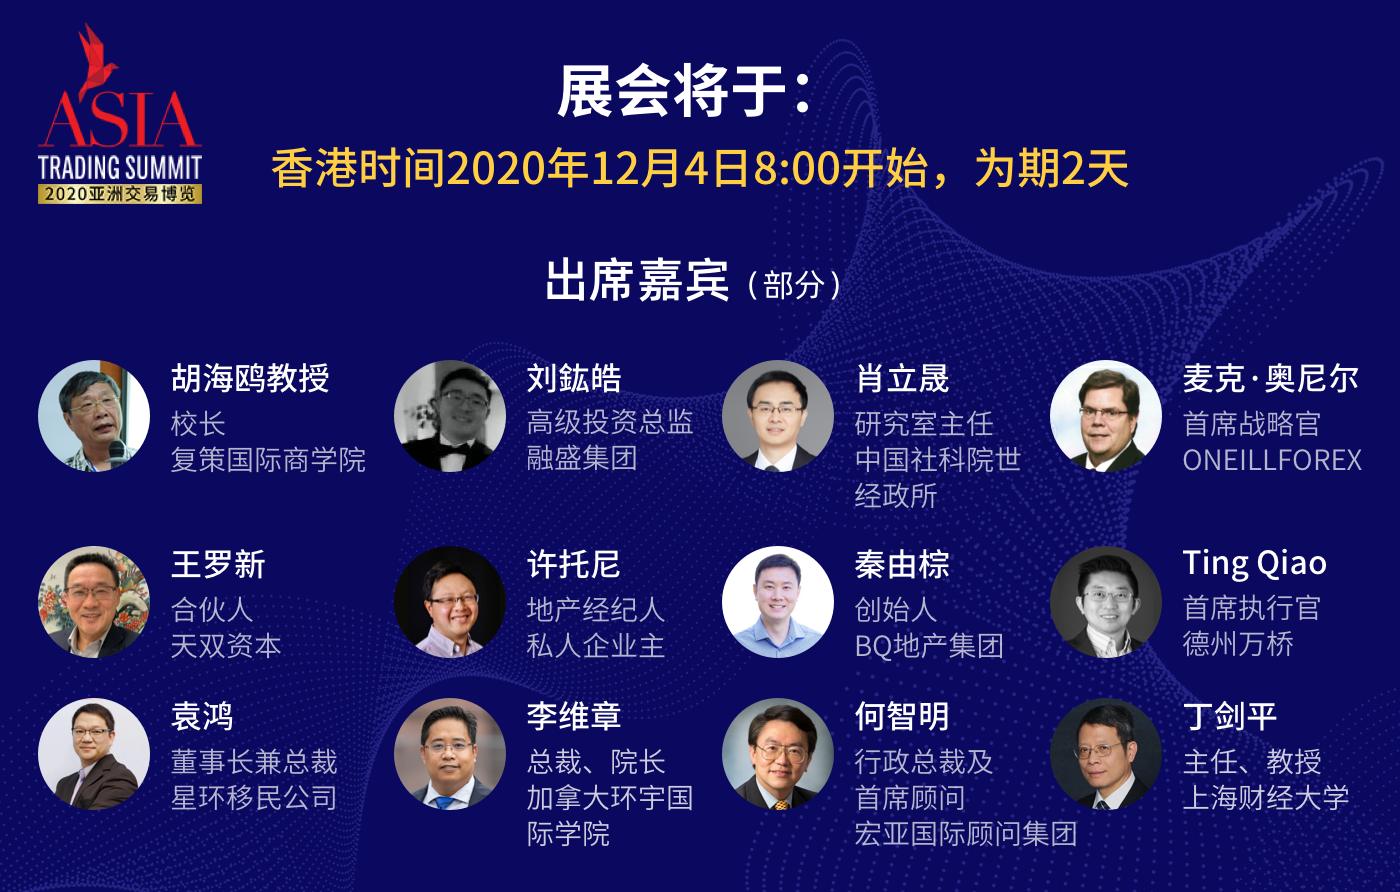 """立足亚洲 链接世界 2020亚洲交易博览""""云展会""""即将开展  ——30多家展商60余位嘉宾5000参会观众,一次足不出户的世界金融之旅"""